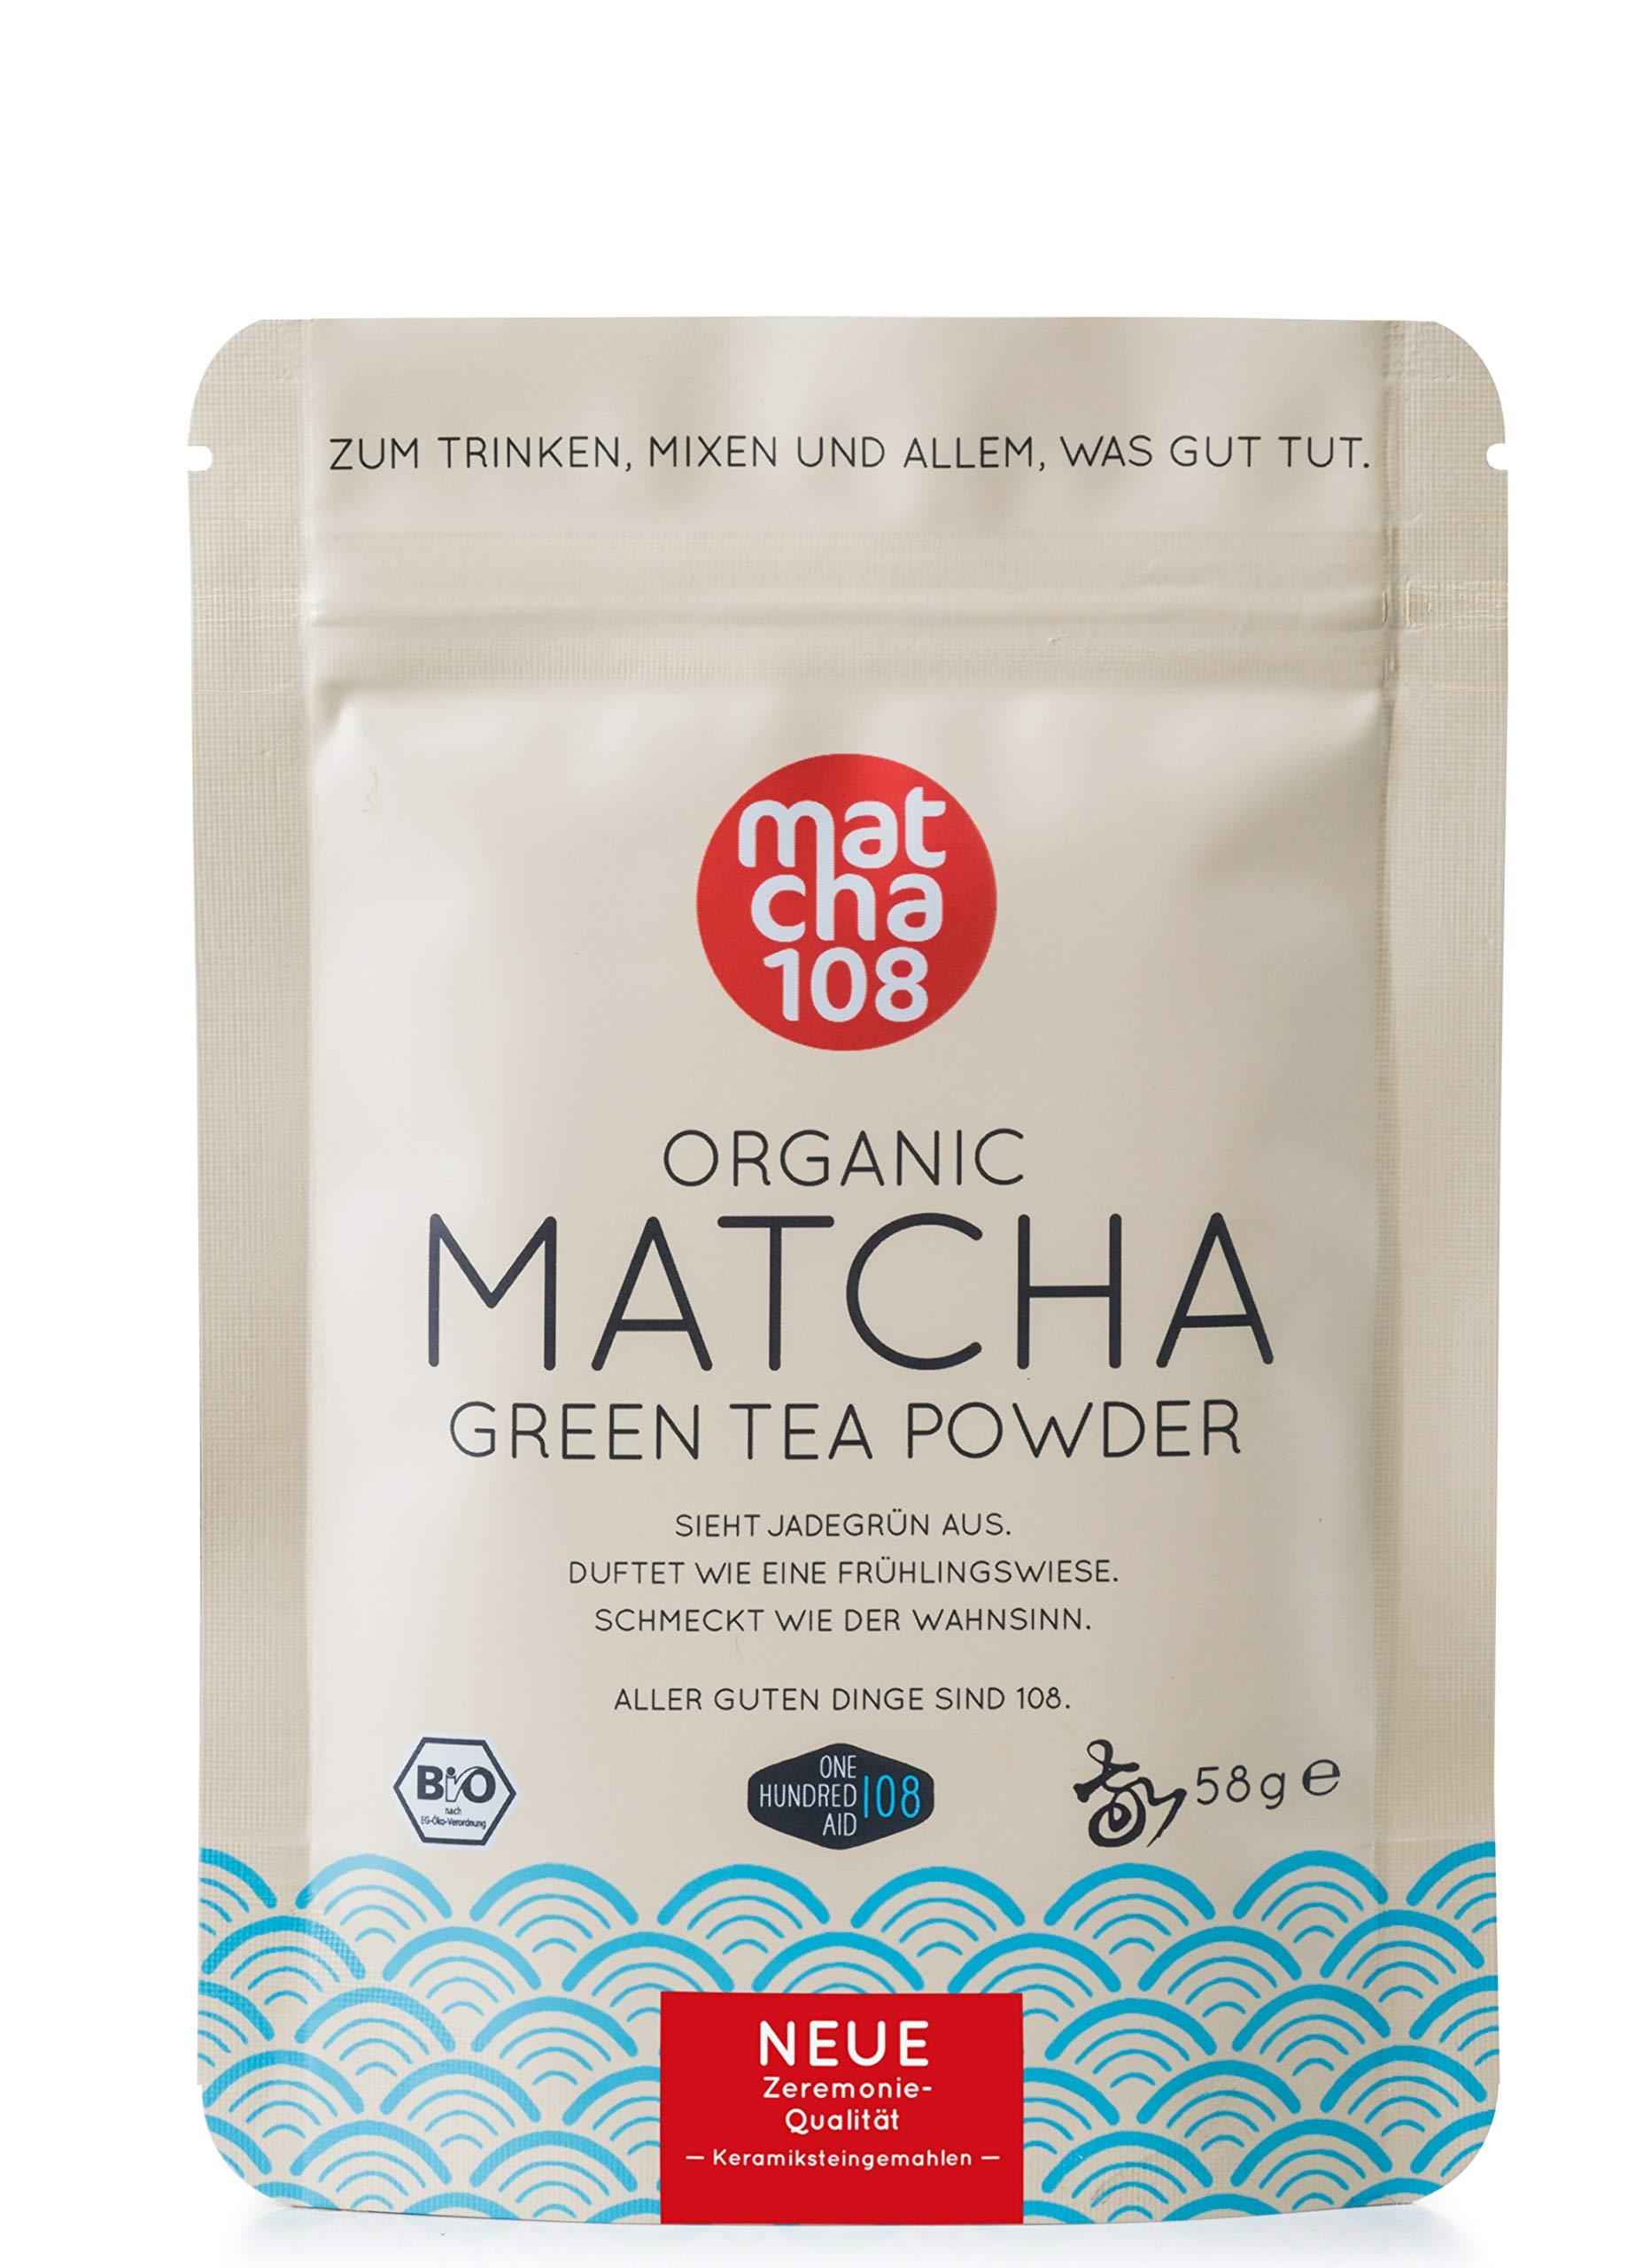 Matcha-Pulver-Tee-108–Bio-Zeremonie-Qualitt-fr-milden-Teegenuss–Ideal-auch-fr-Smoothies-und-Lattes-Zertifiziertes-Grntee-Pulver-58g-Ceremonial-Grade-Green-Tea